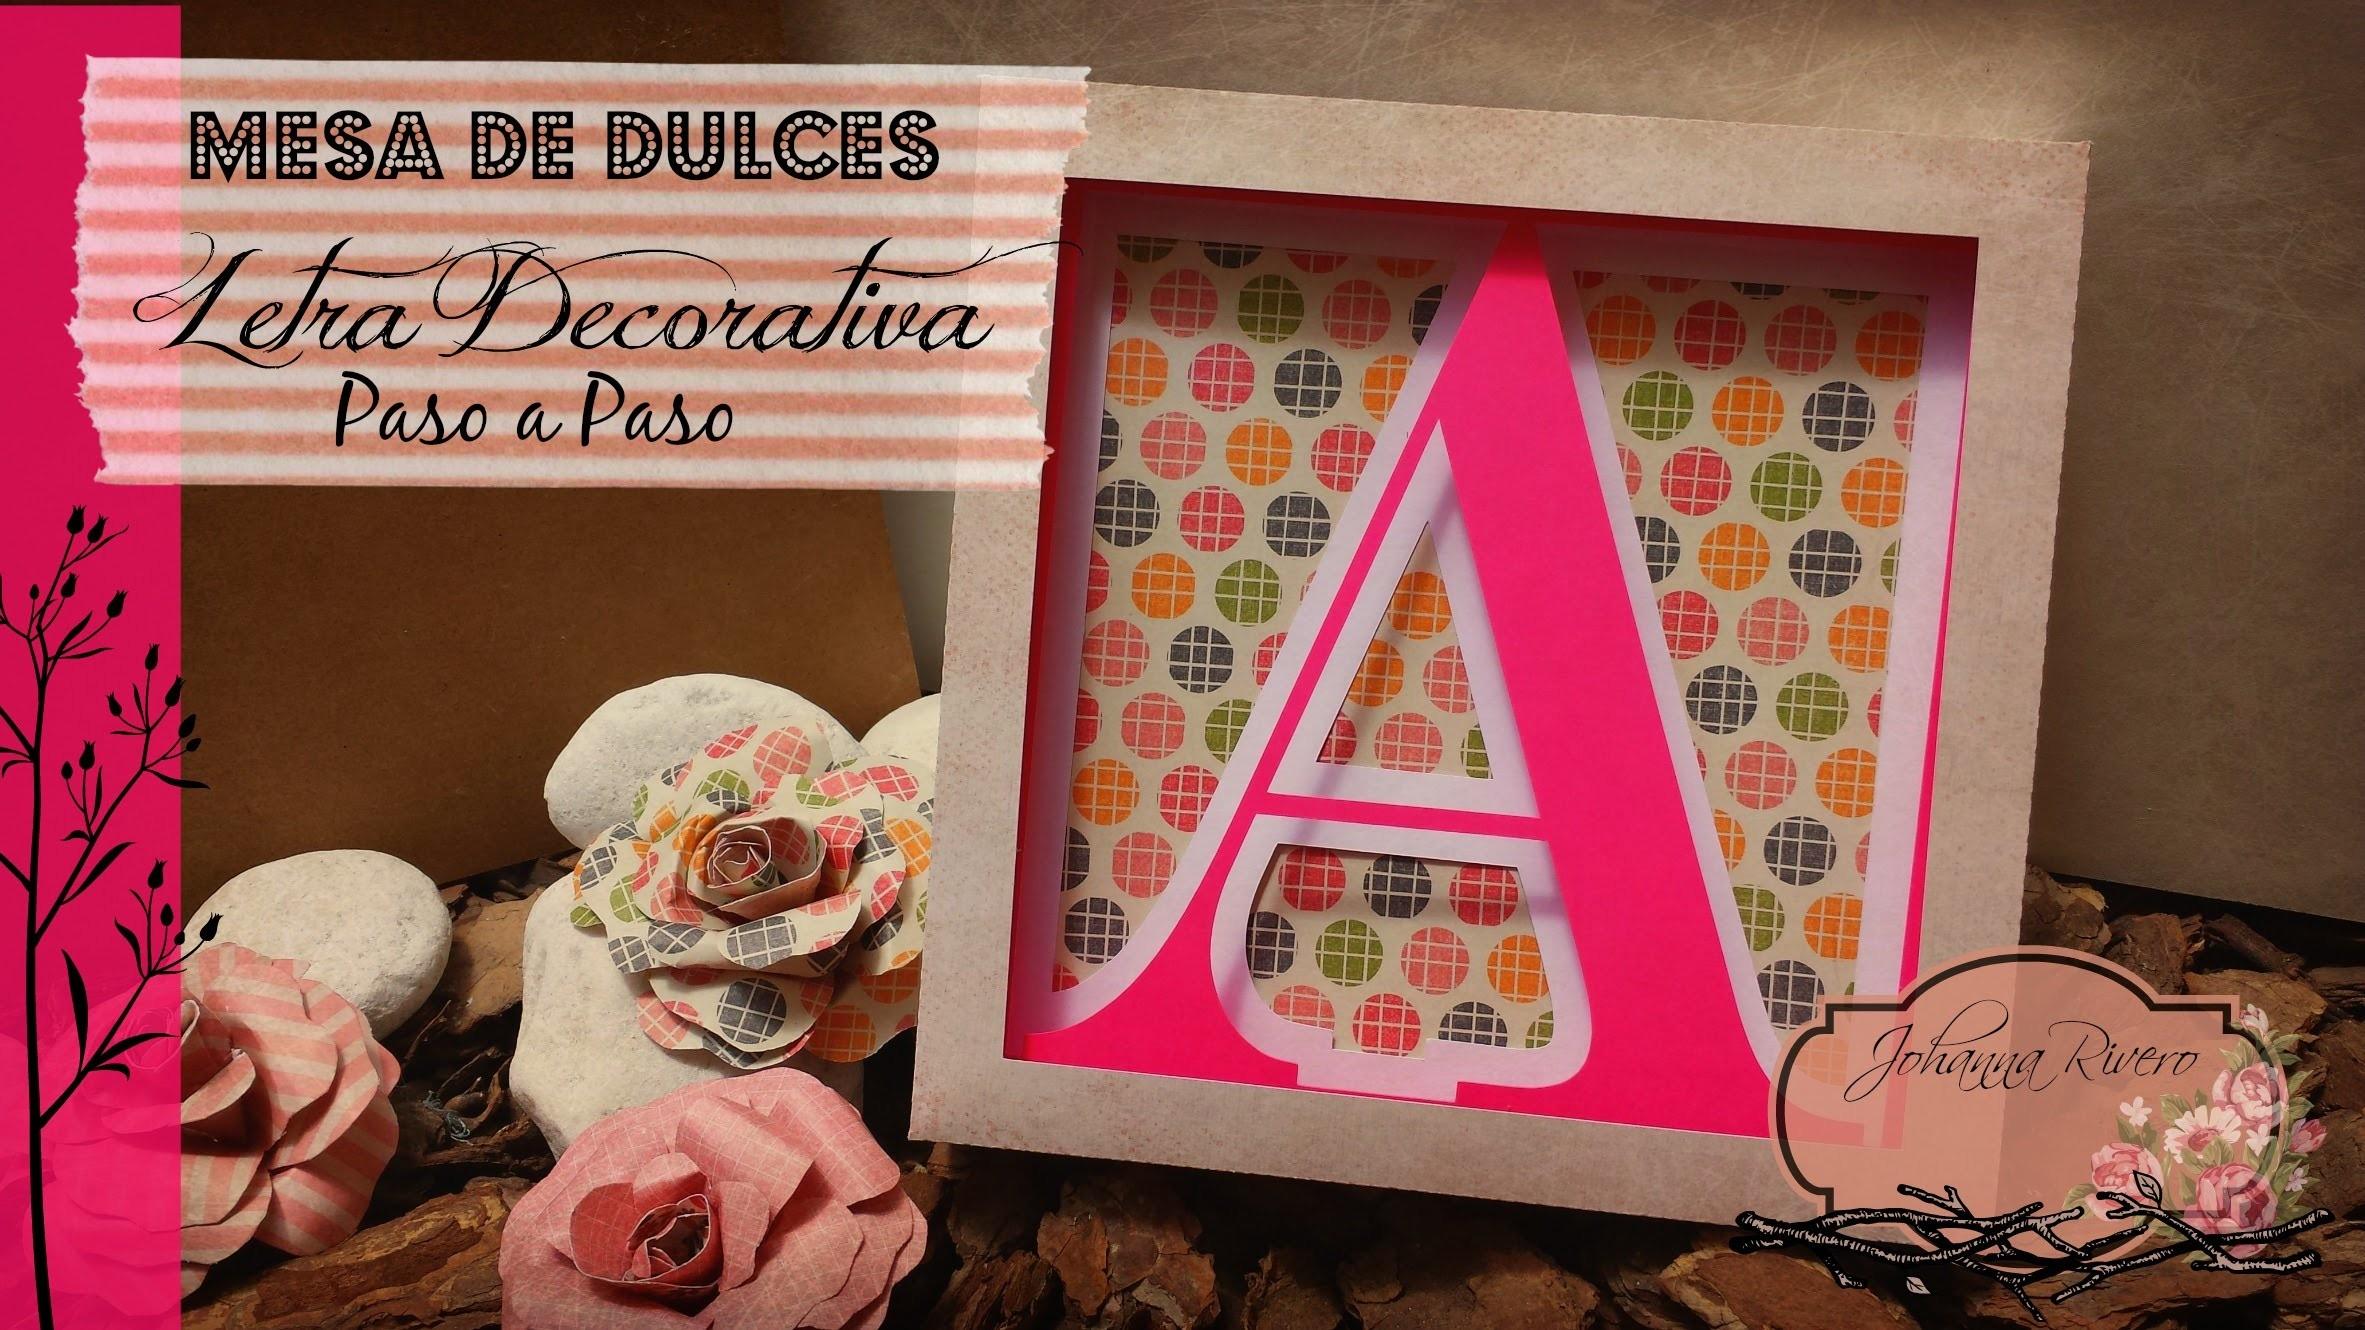 Como Decorar Mesa de dulces Scrapbook,Letra decorativos  Paso a Paso